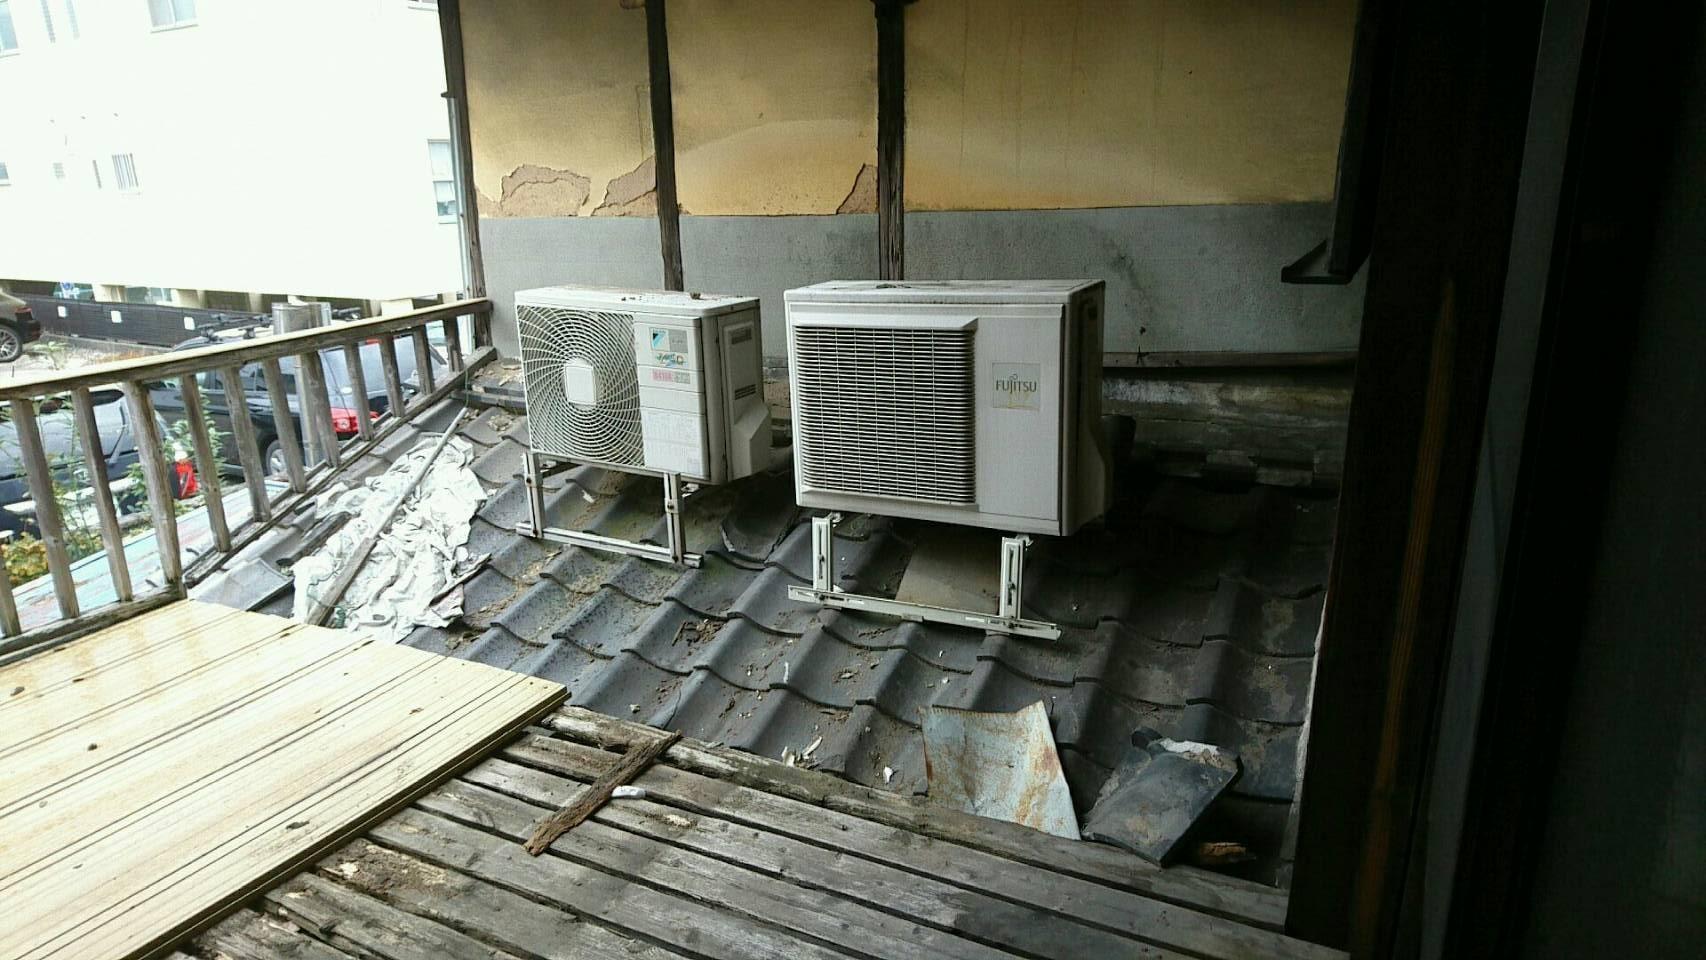 【愛知県名古屋市名東区】リフォームに伴う屋根上のエアコン室外機の取外しと回収